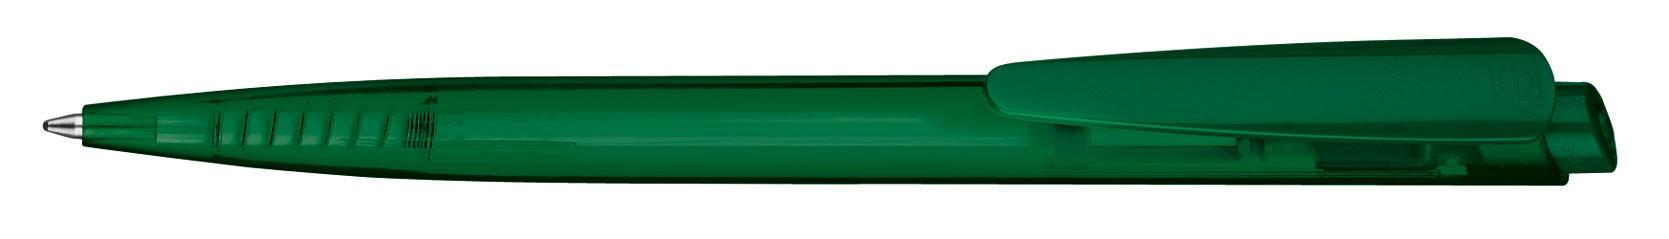 Stylo personnalisable écologique en plastique recyclé Dart Transparent